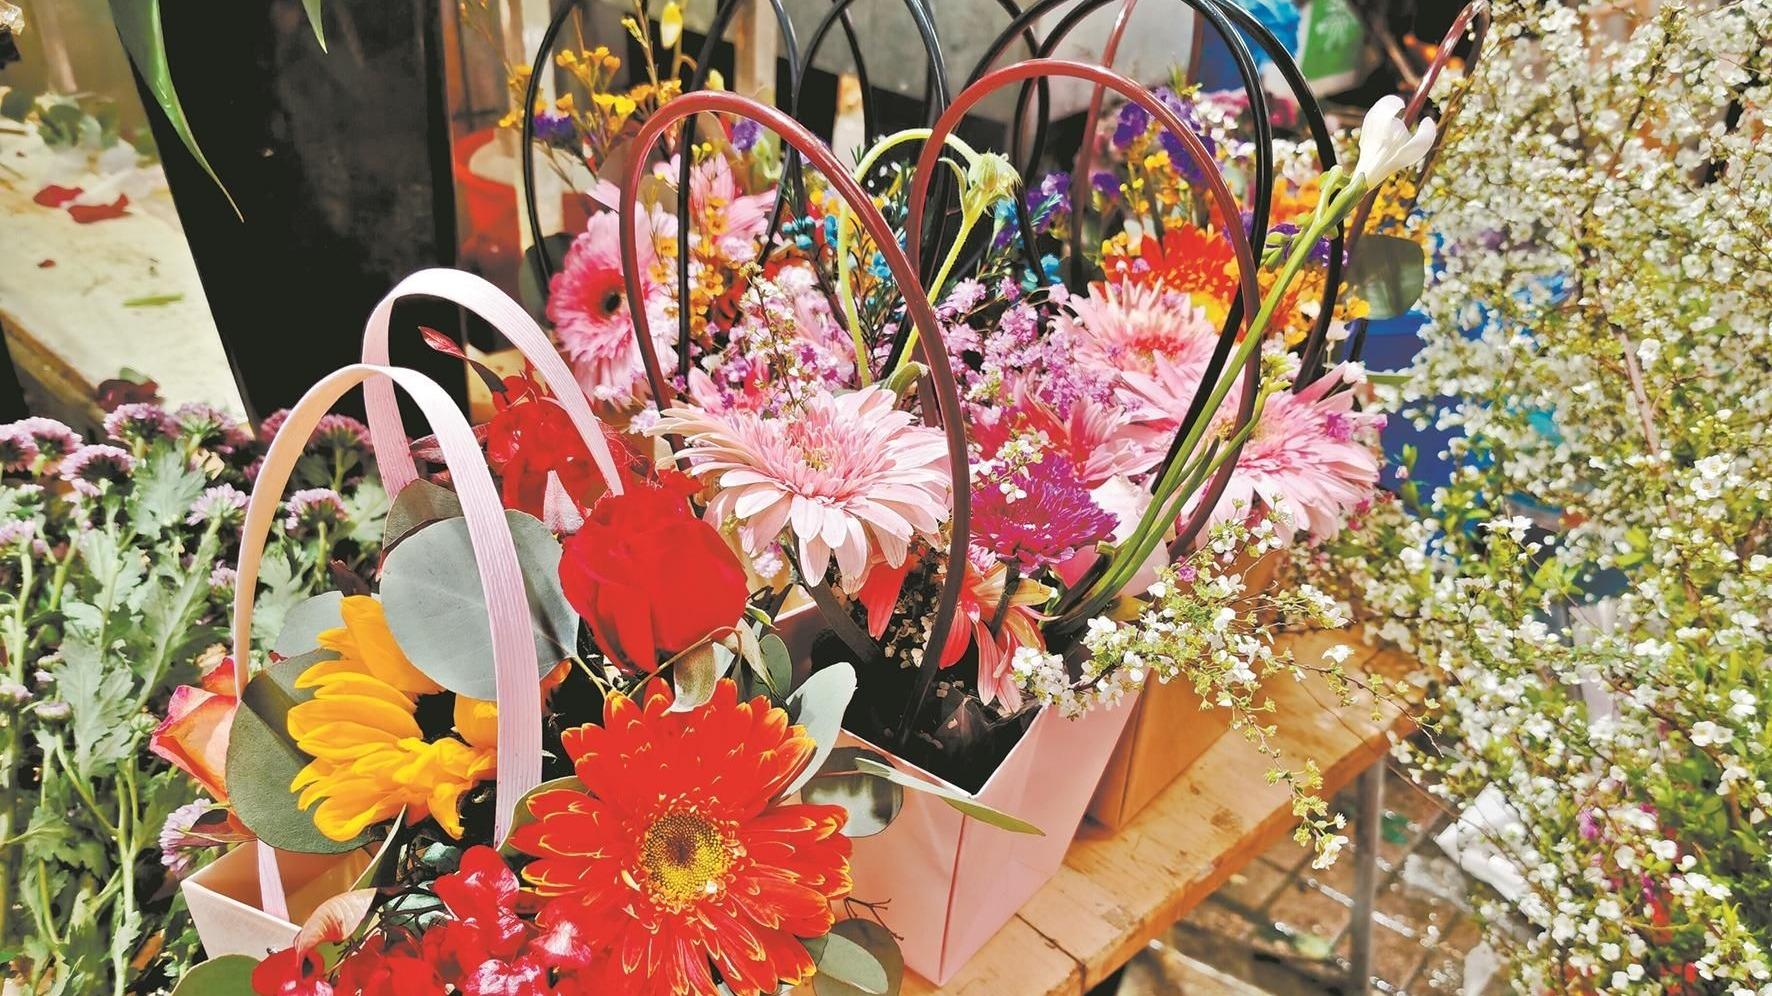 三八节催热江城花卉市场 玫瑰康乃馨涨价近三倍